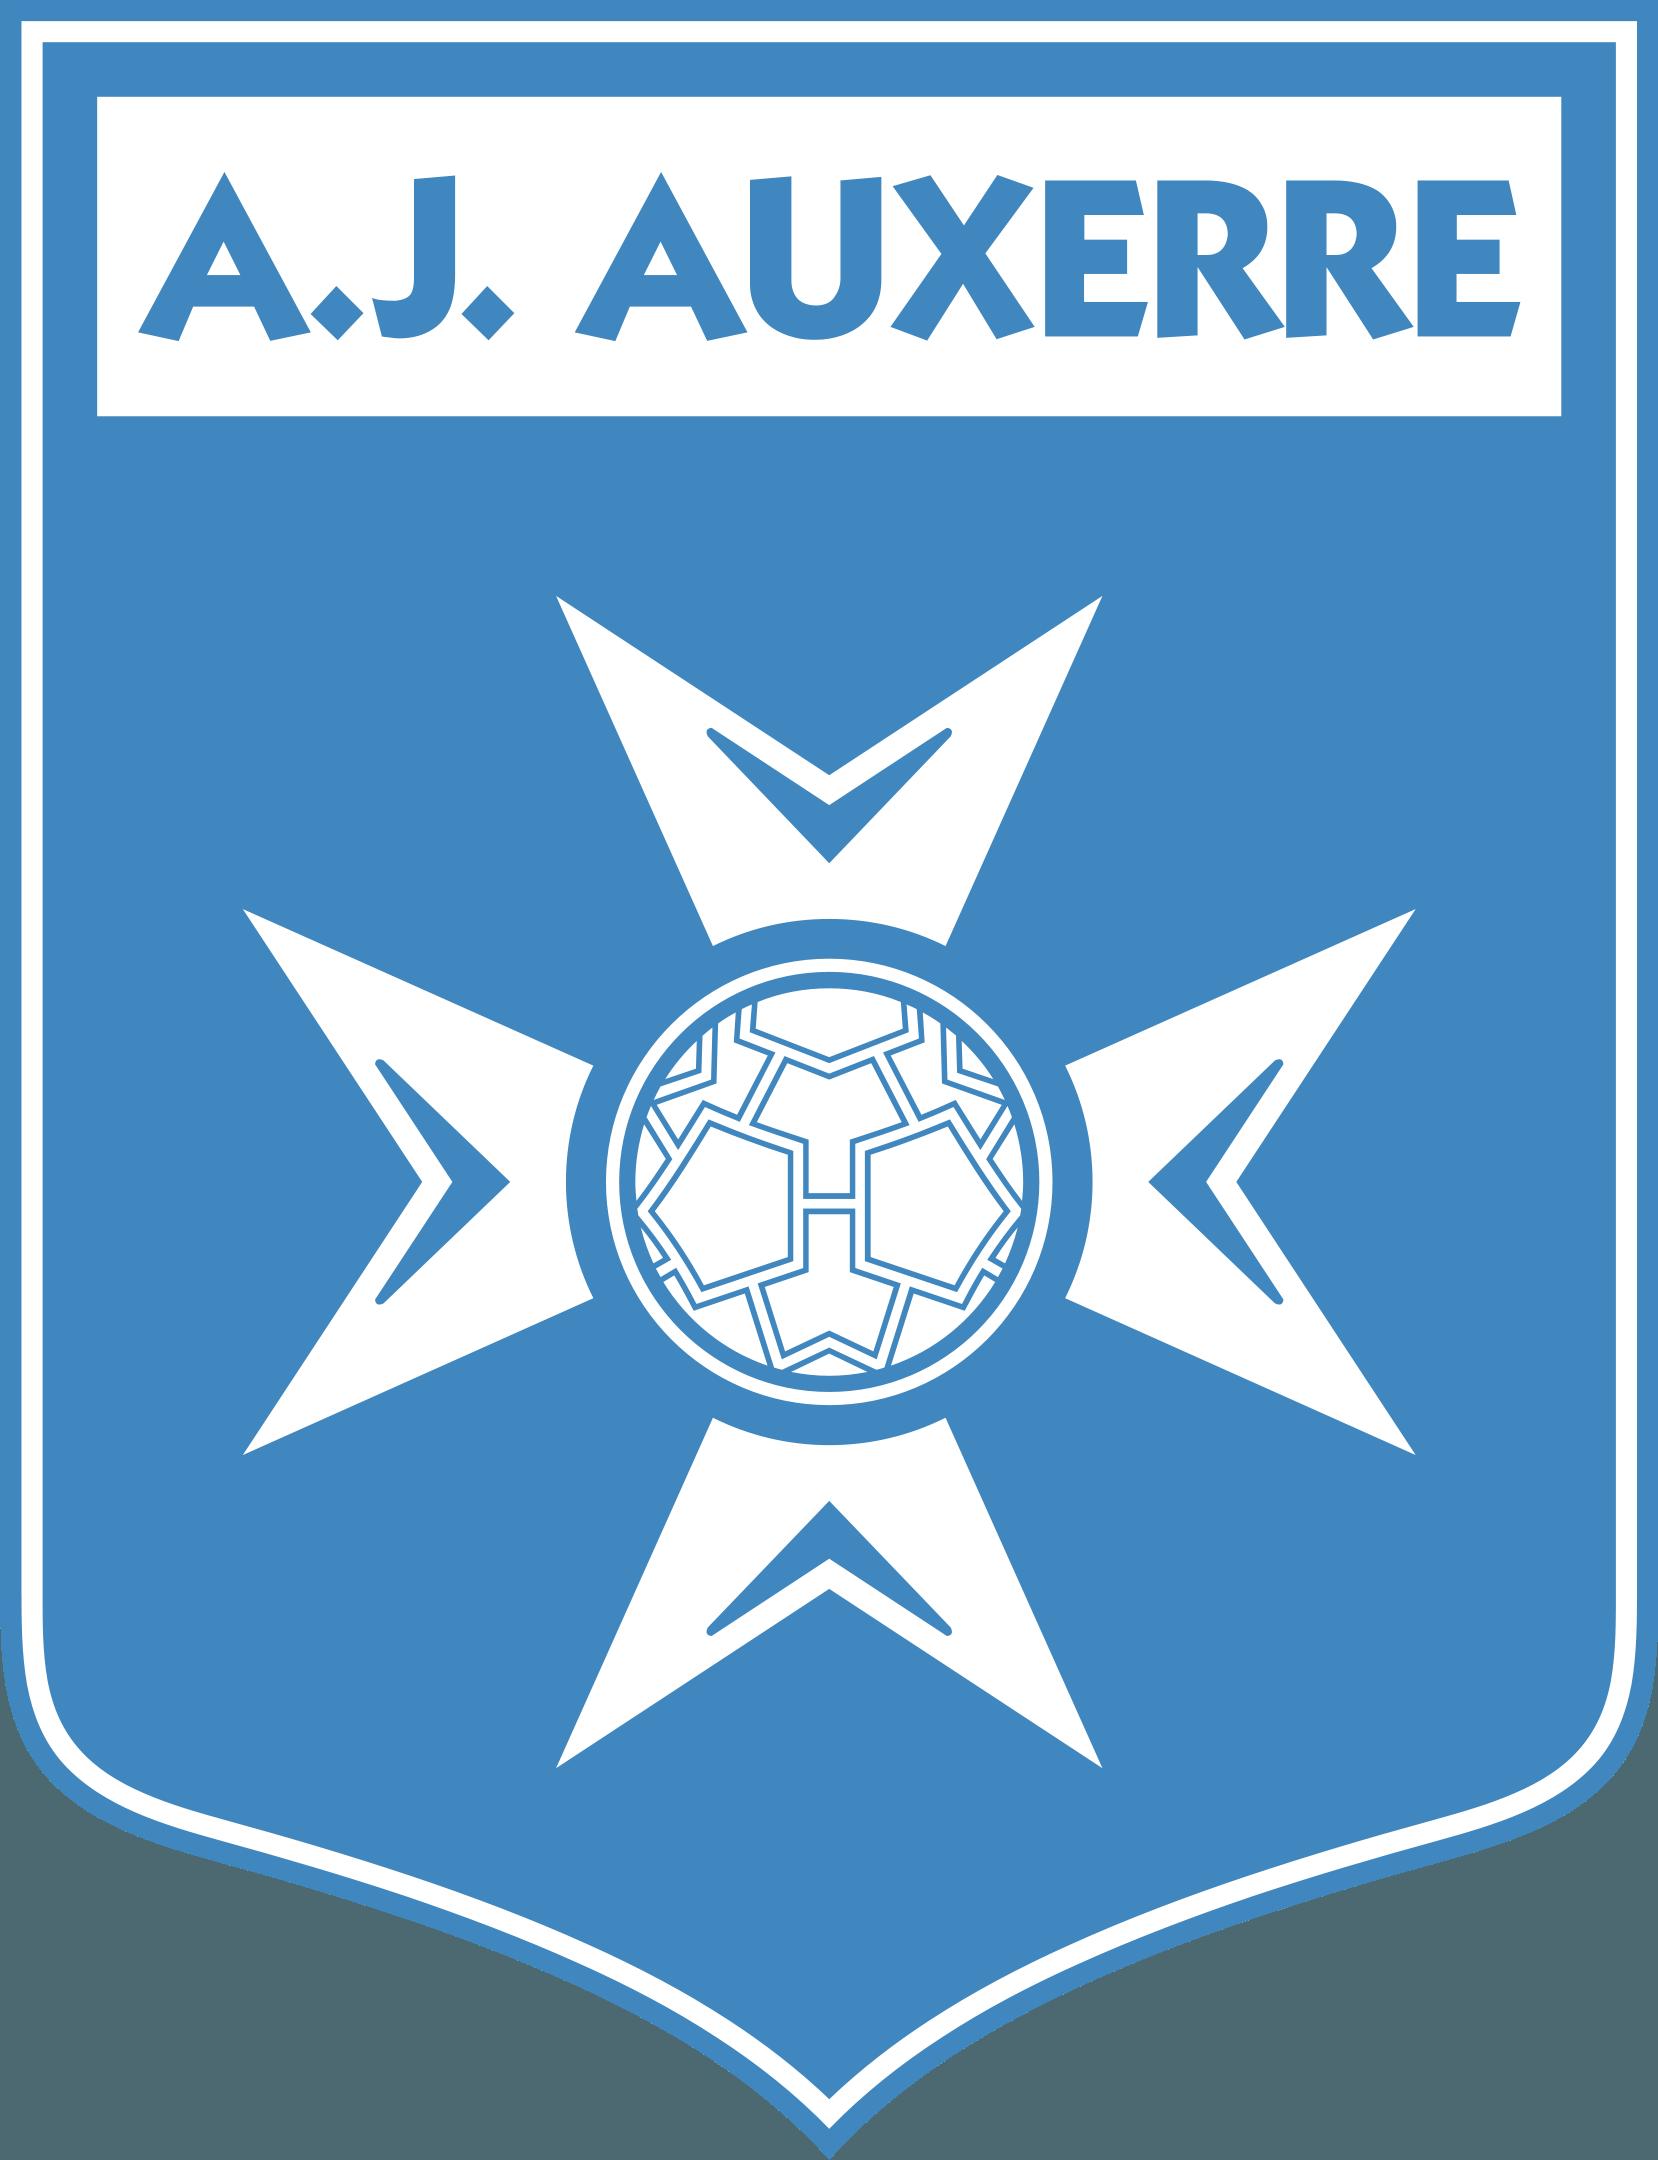 Logo de l'équipeAUXERRE